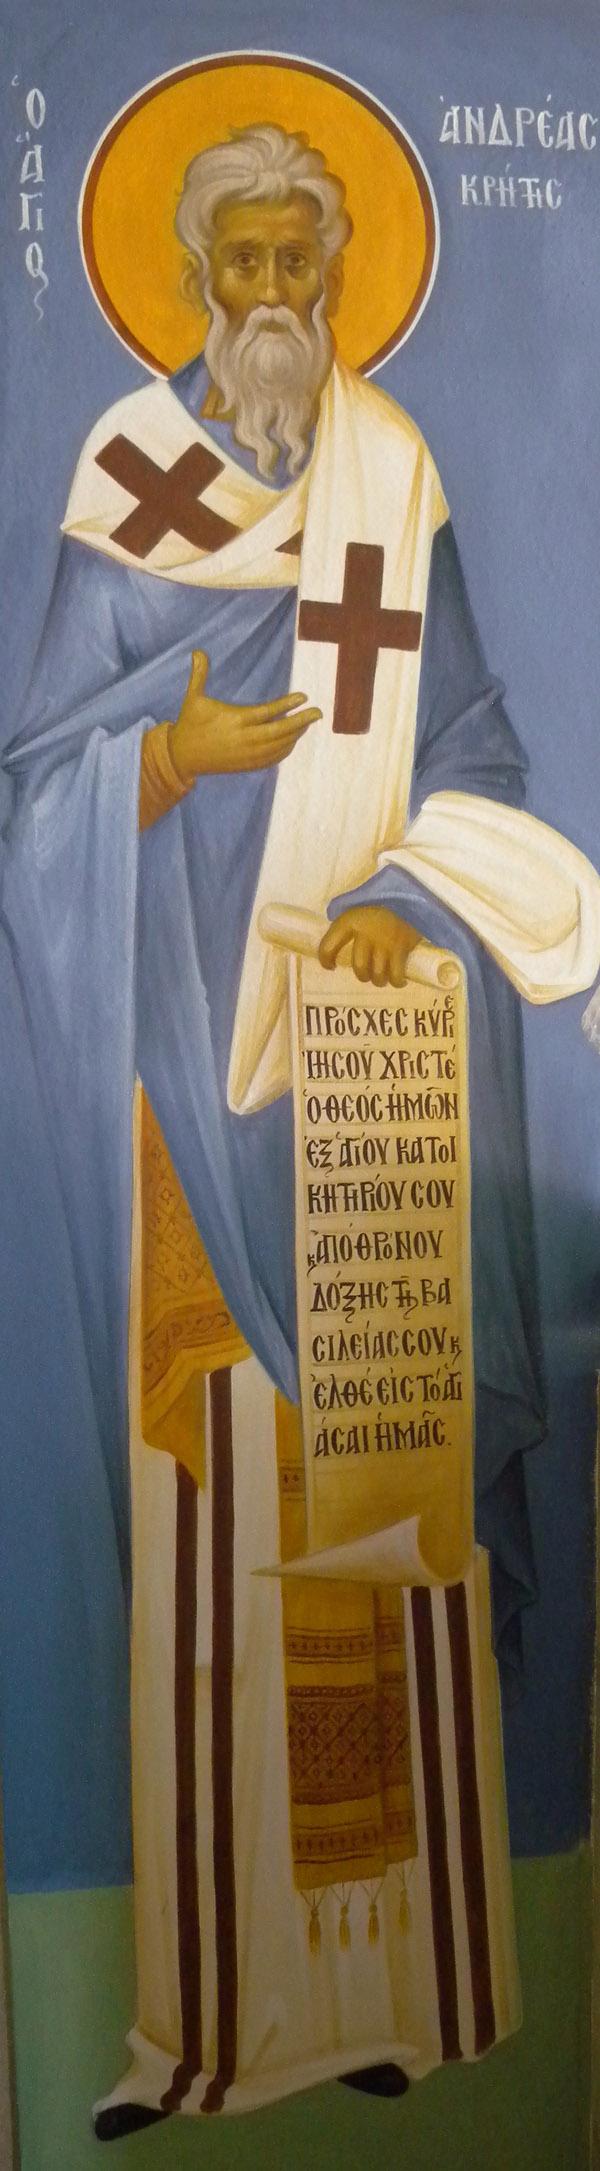 Άγιος Ανδρέας ο Ιεροσολυμίτης Αρχιεπίσκοπος Κρήτης - Ι. Ν. Οσίων Παρθενίου και Ευμενίου των εν Κουδουμά, δια χειρός Παναγιώτη Μόσχου (2006 μ.Χ.)